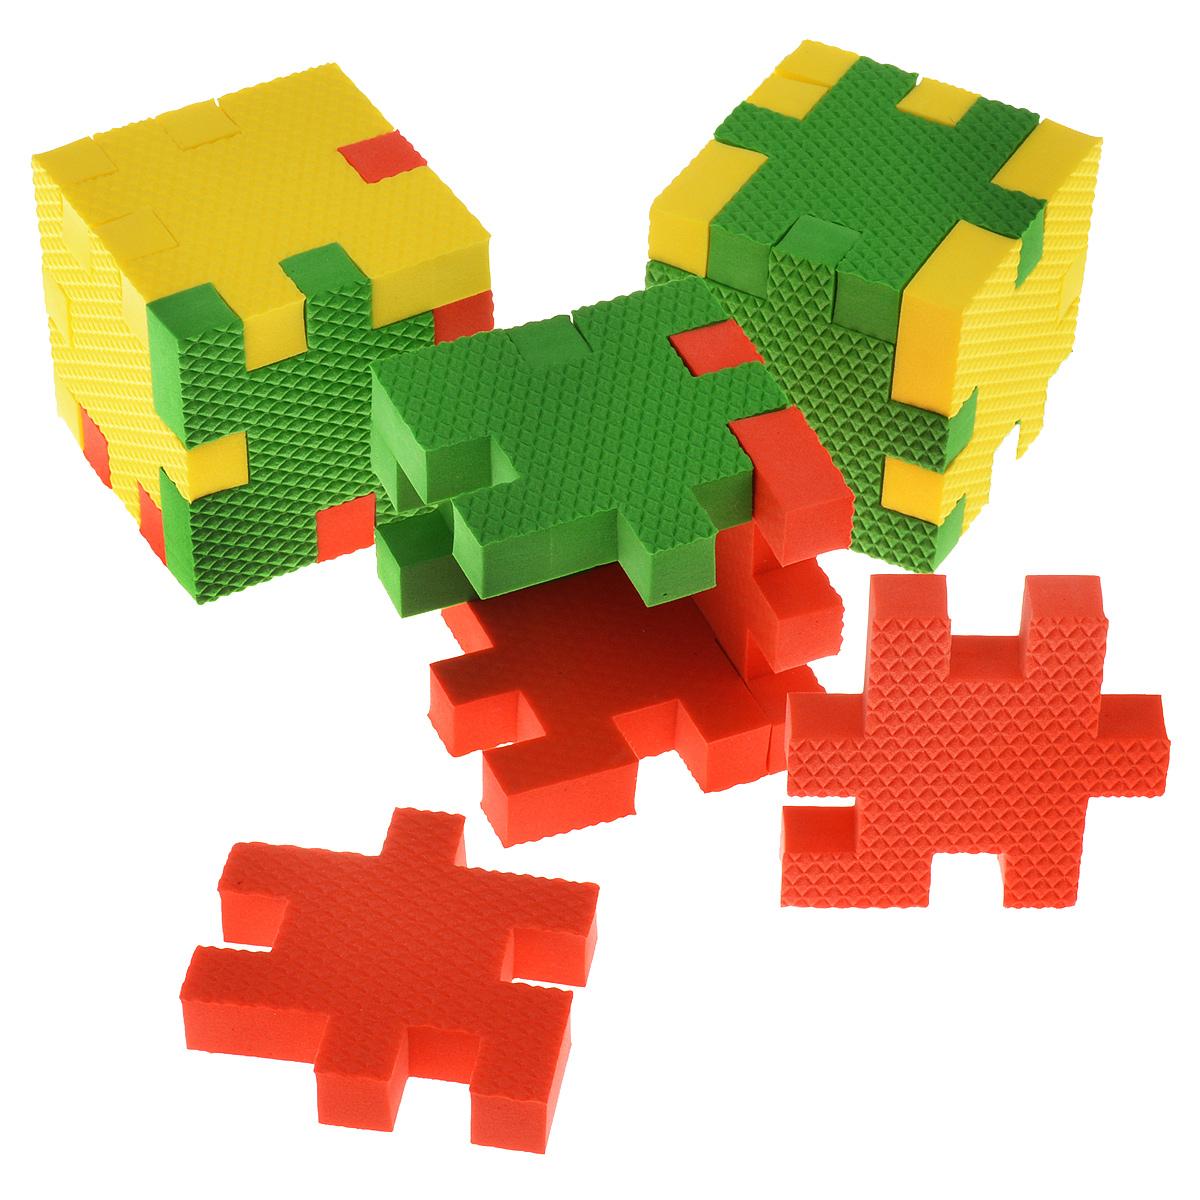 Picnmix Пазл-конструктор Кубикформ Континент111006Пазл-конструктор Pic&Mix Кубикформ Континент имеет уровень сложности Мастер. Игра может проводиться в 2 этапа: на первом этапе ребенок осваивает навыки составления простых элементов головоломки и запоминает 3 цвета, входящие в набор, также он усваивает названия таких географических объектов как вулкан, пустыня и лес; на втором этапе ребенок учится собирать сложные геометрические фигуры. Серия обучающих пазл-конструкторов стимулирует развитие мышления, логики, пространственного воображения, памяти, координации, мелкой моторики, а также помогает усвоить навыки тактильного восприятия. В комплект входят 21 элемент конструктора, инструкция.